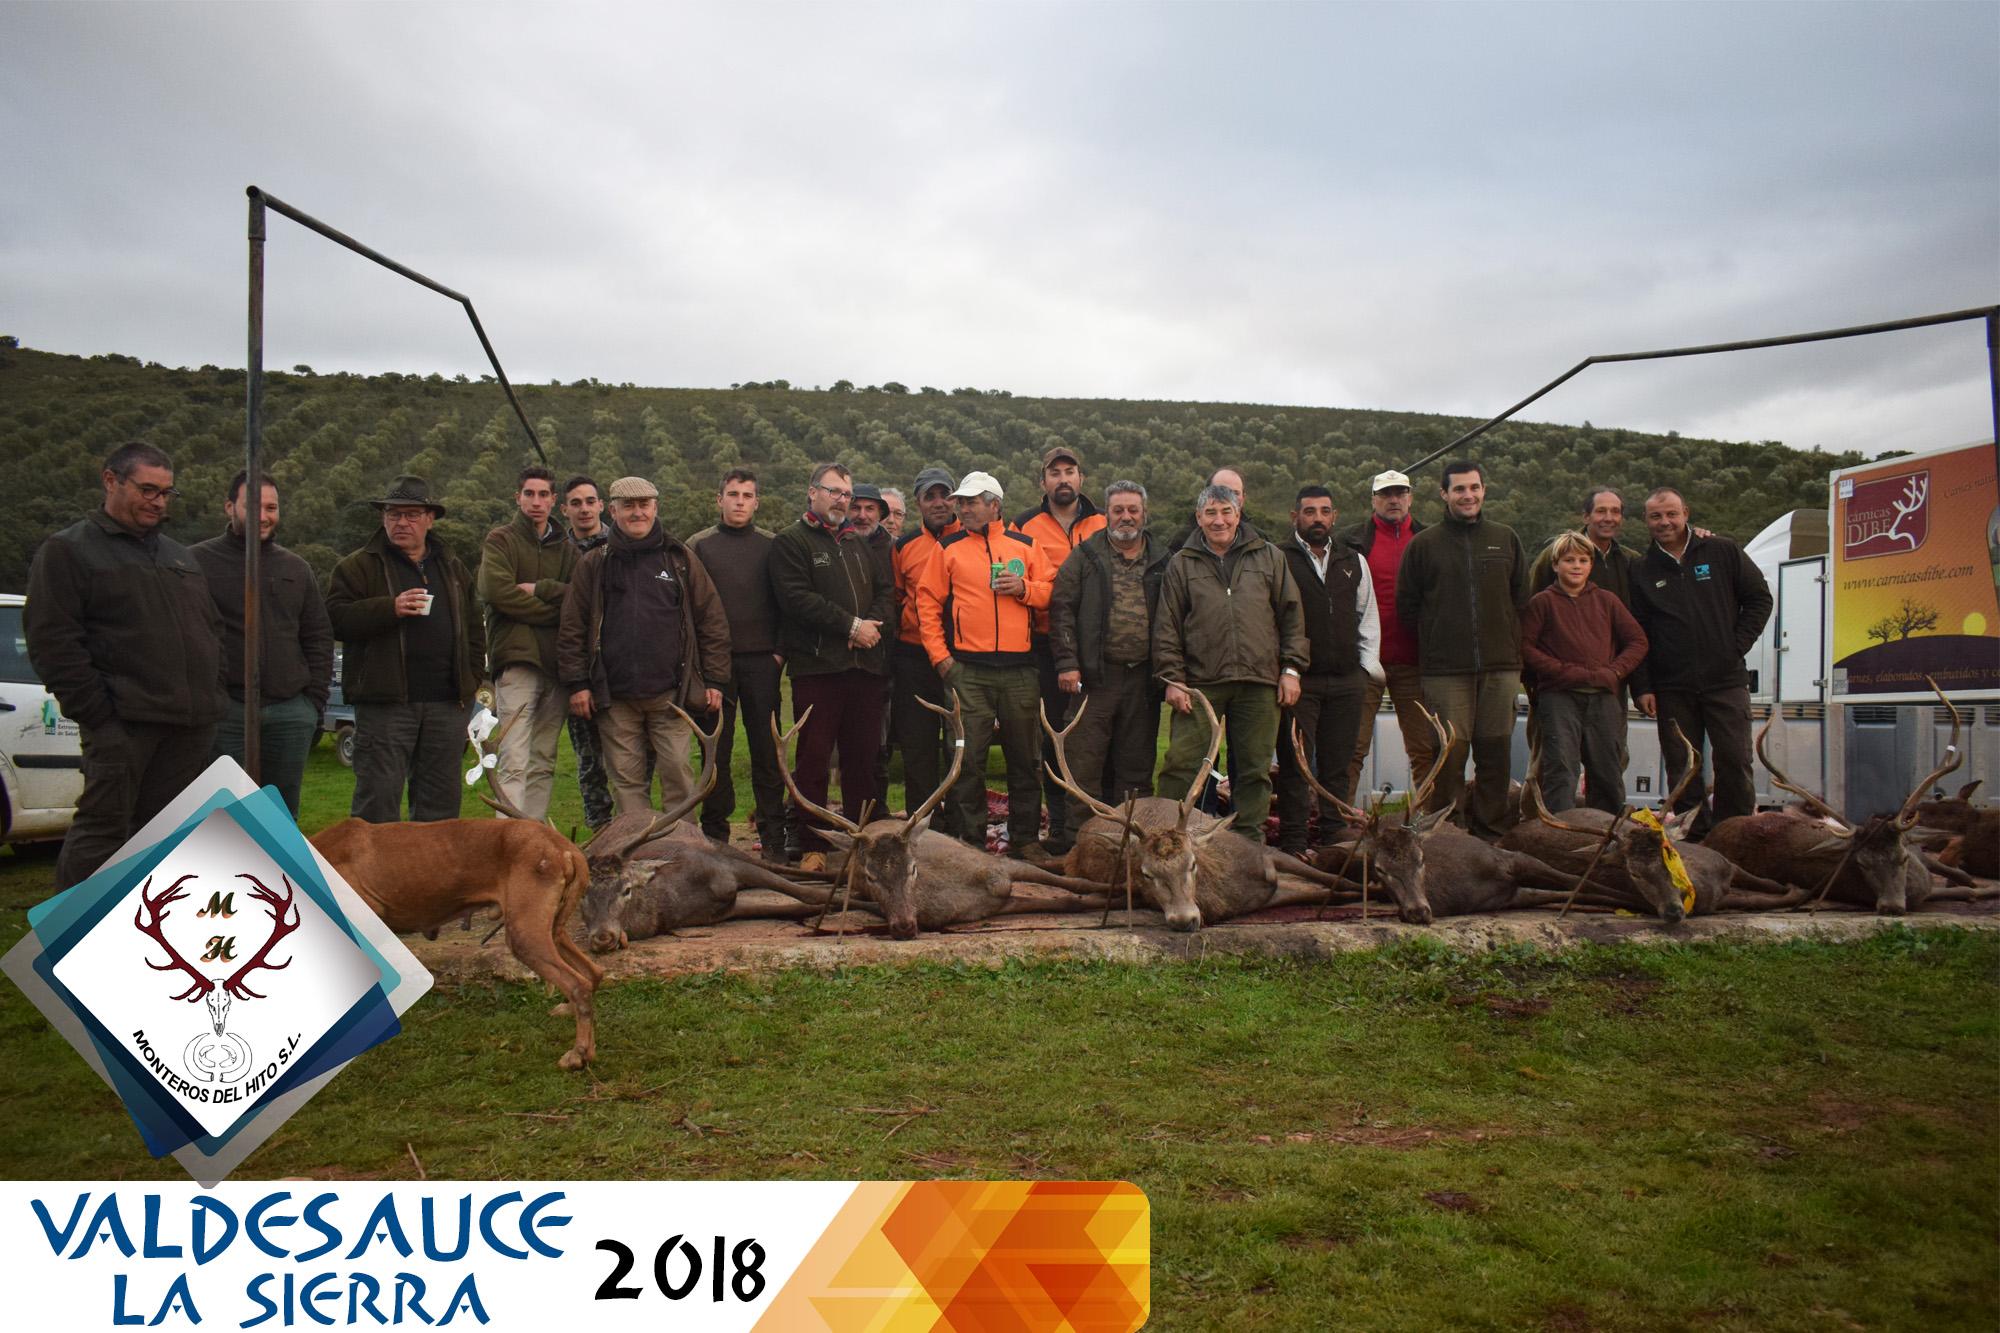 Galería Valdesauce – La Sierra 2018